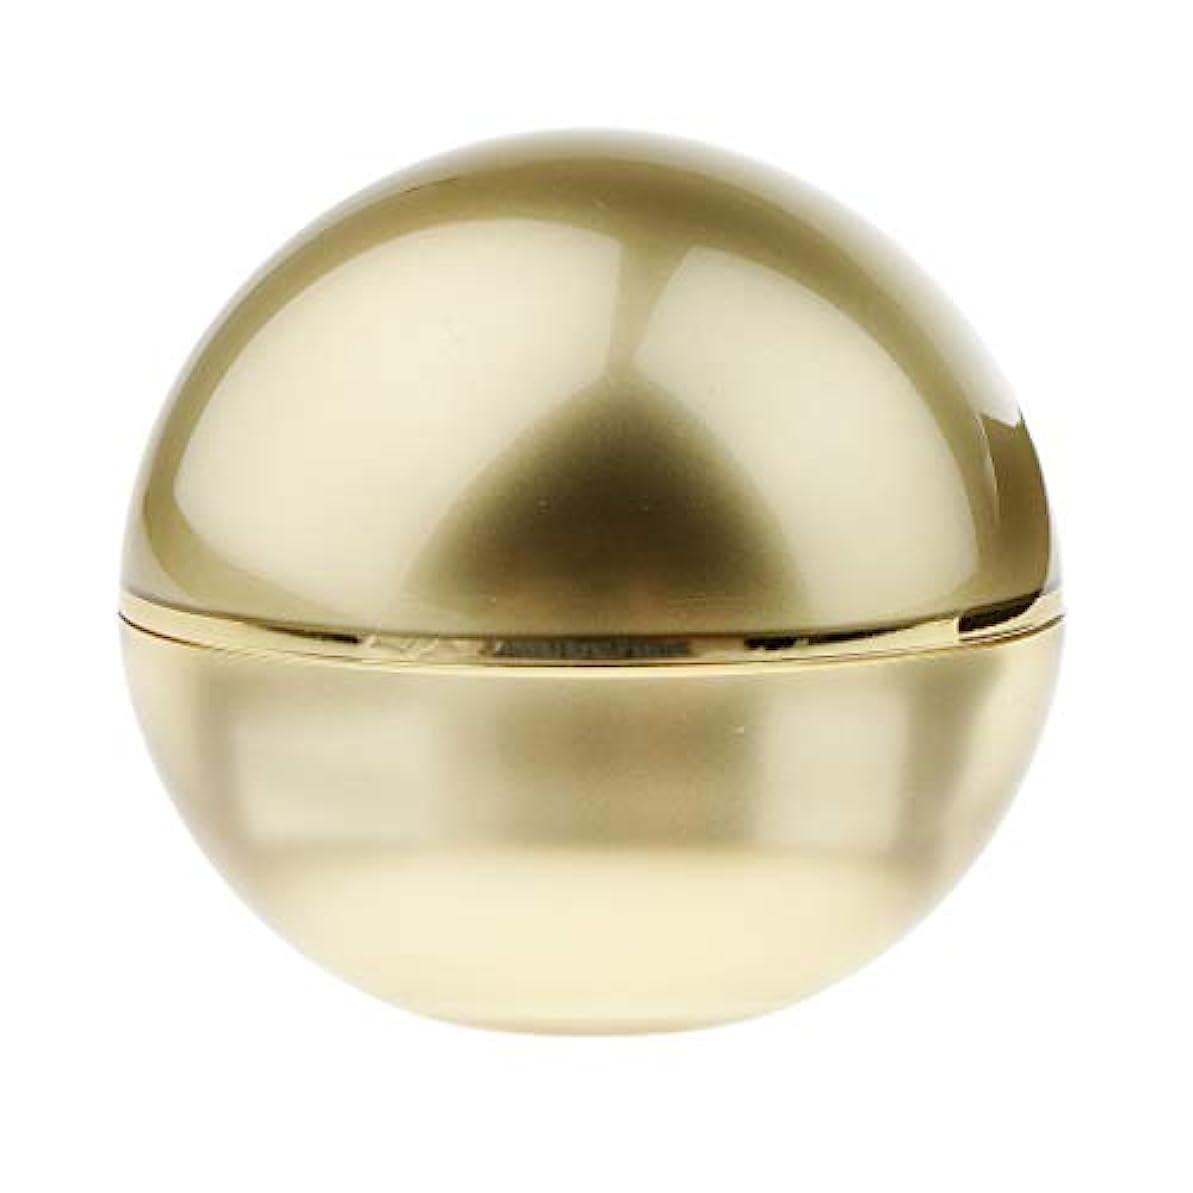 梨ゴールデン剃る化粧品容器 ボール型 化粧品 容器 メーキャップ クリームジャー ゴールド 3サイズ選べ - 30g